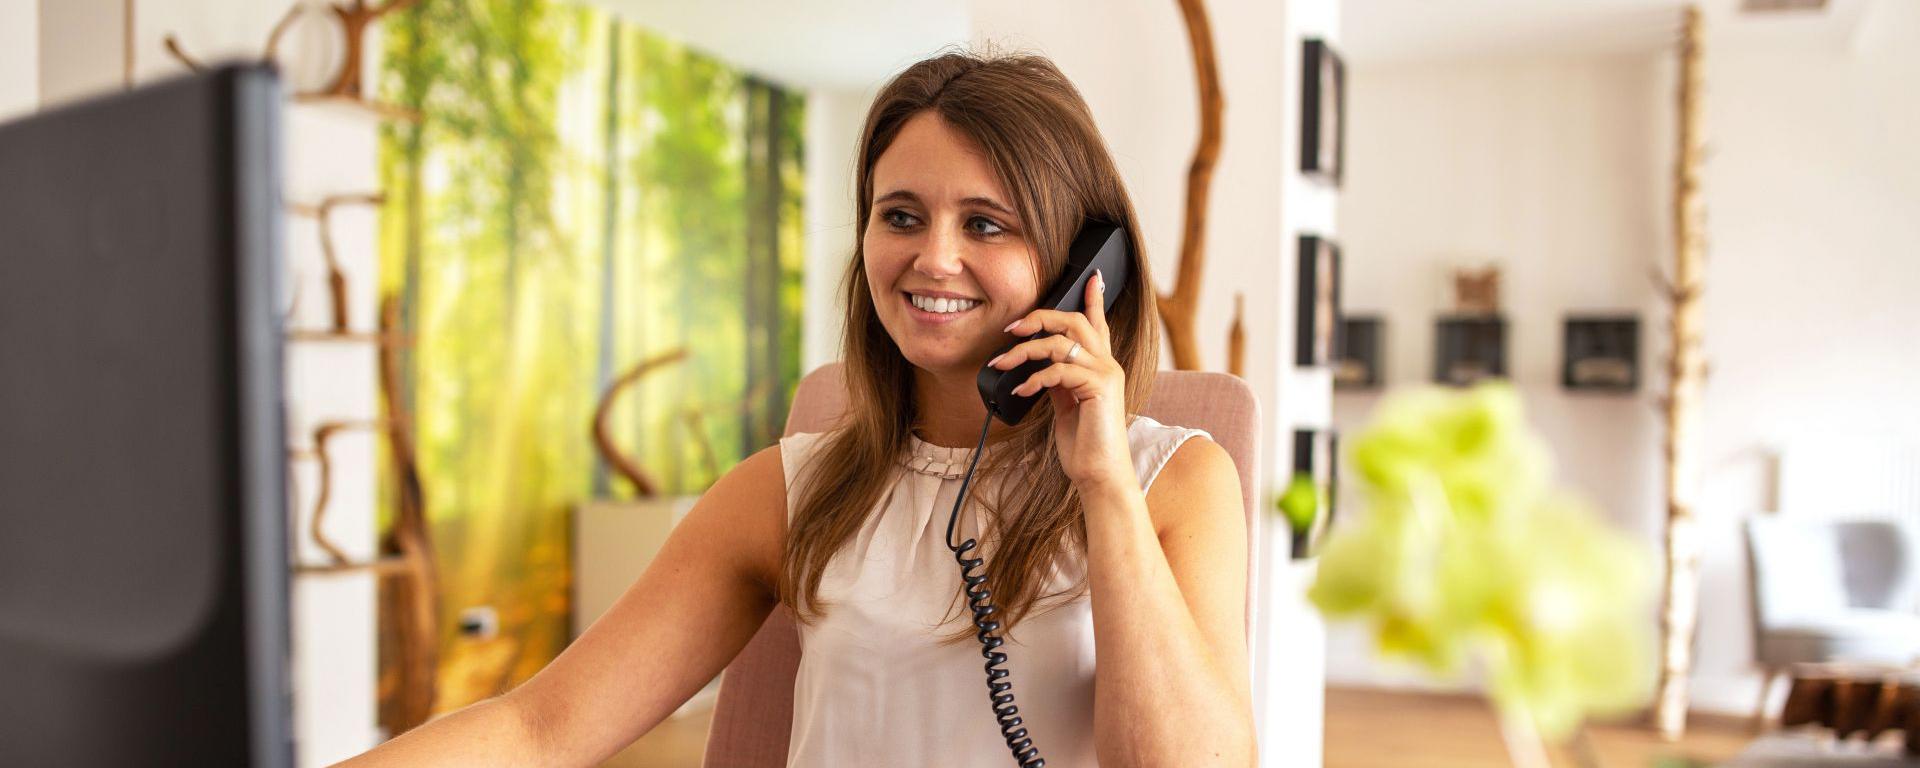 junge Frau telefoniert am Schreibtisch